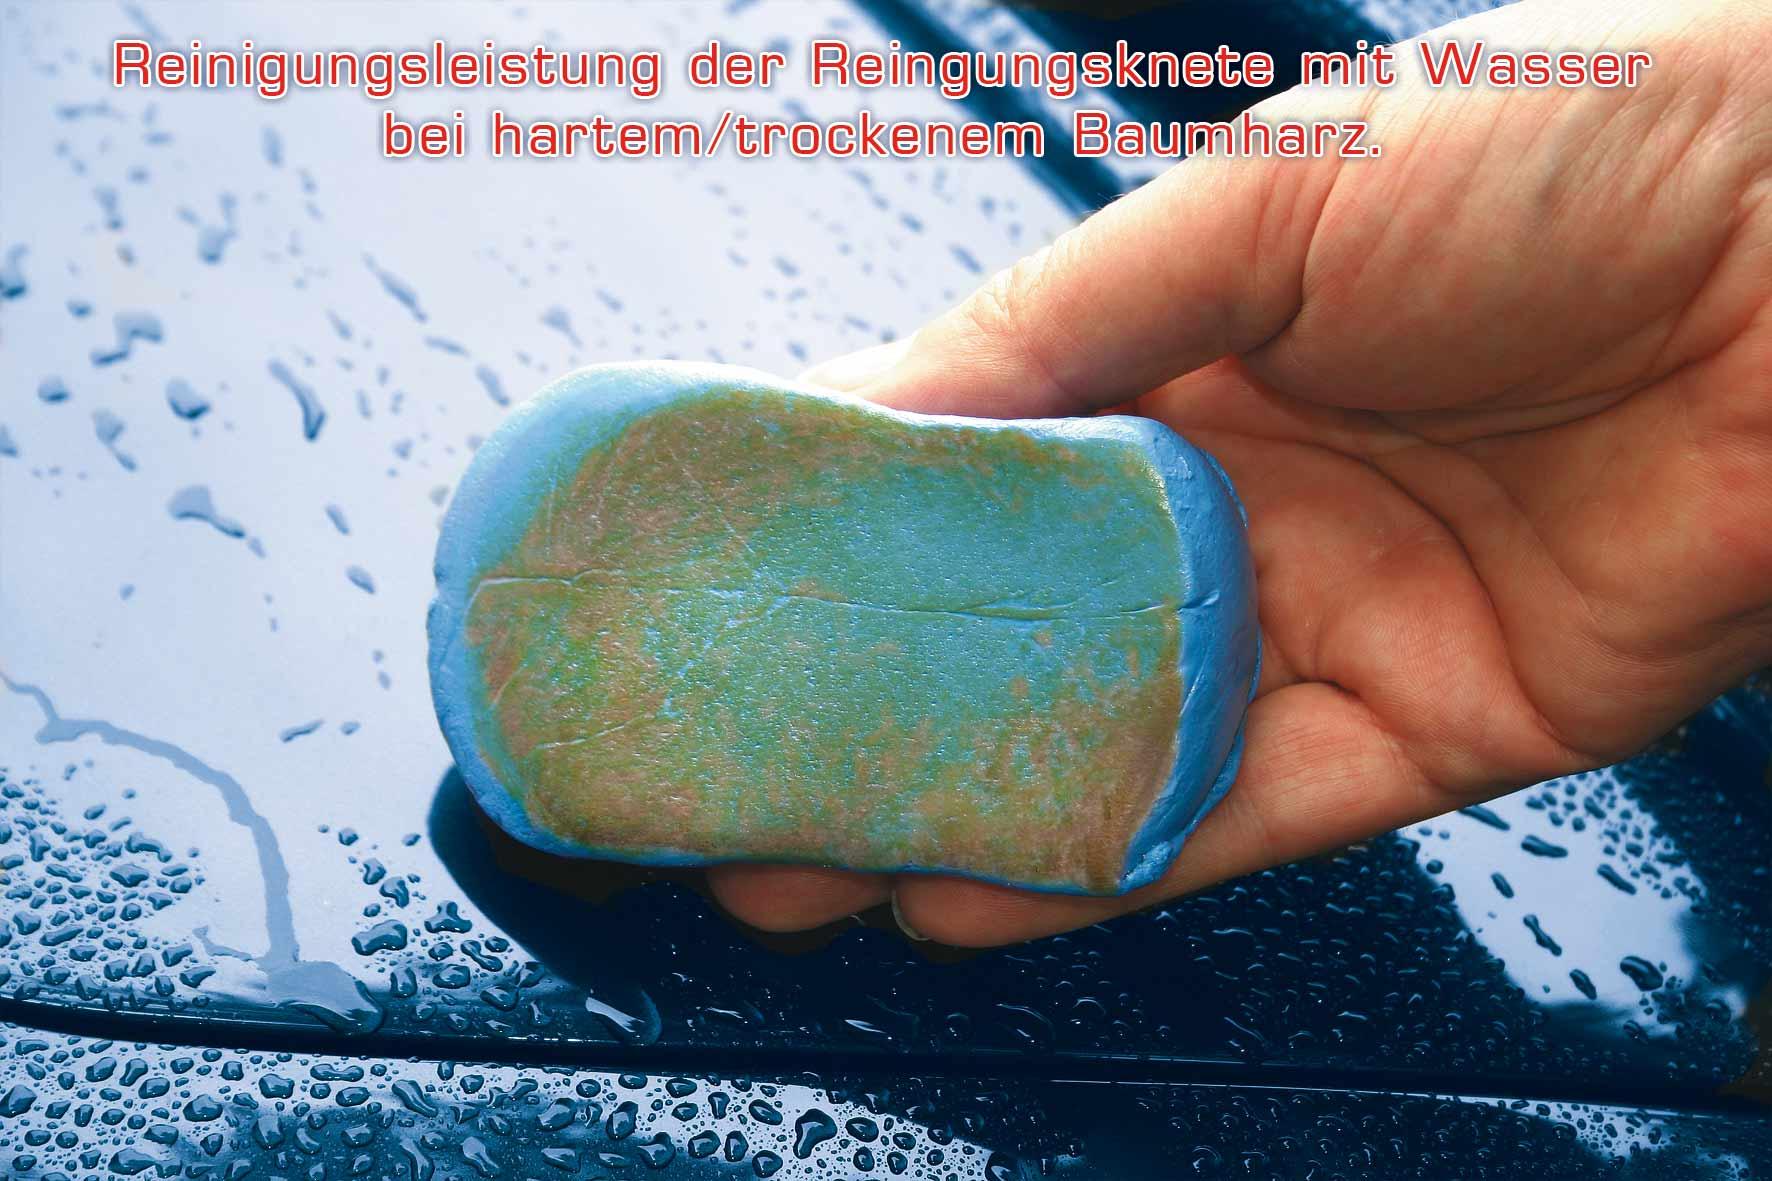 Petzoldts Reinigungsknete-Gleitmittel 2er Pack, Lackreinigung